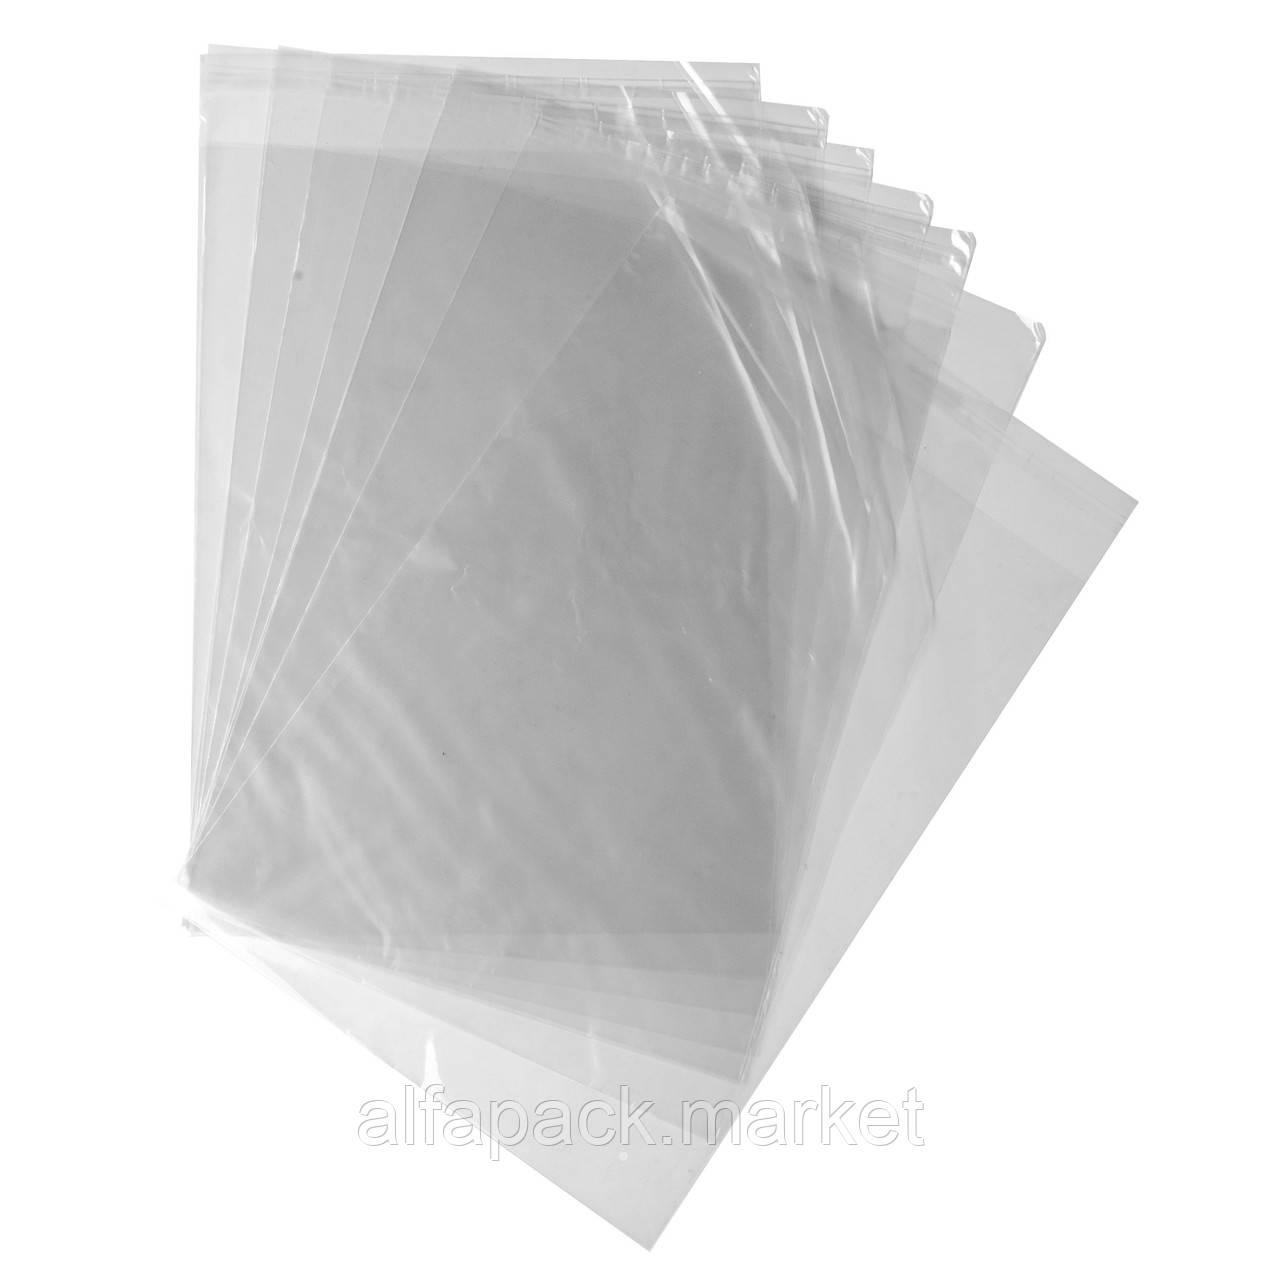 Пакет полипропиленовый 180*250 без липкой ленты (1000 шт в упаковке) 030000126